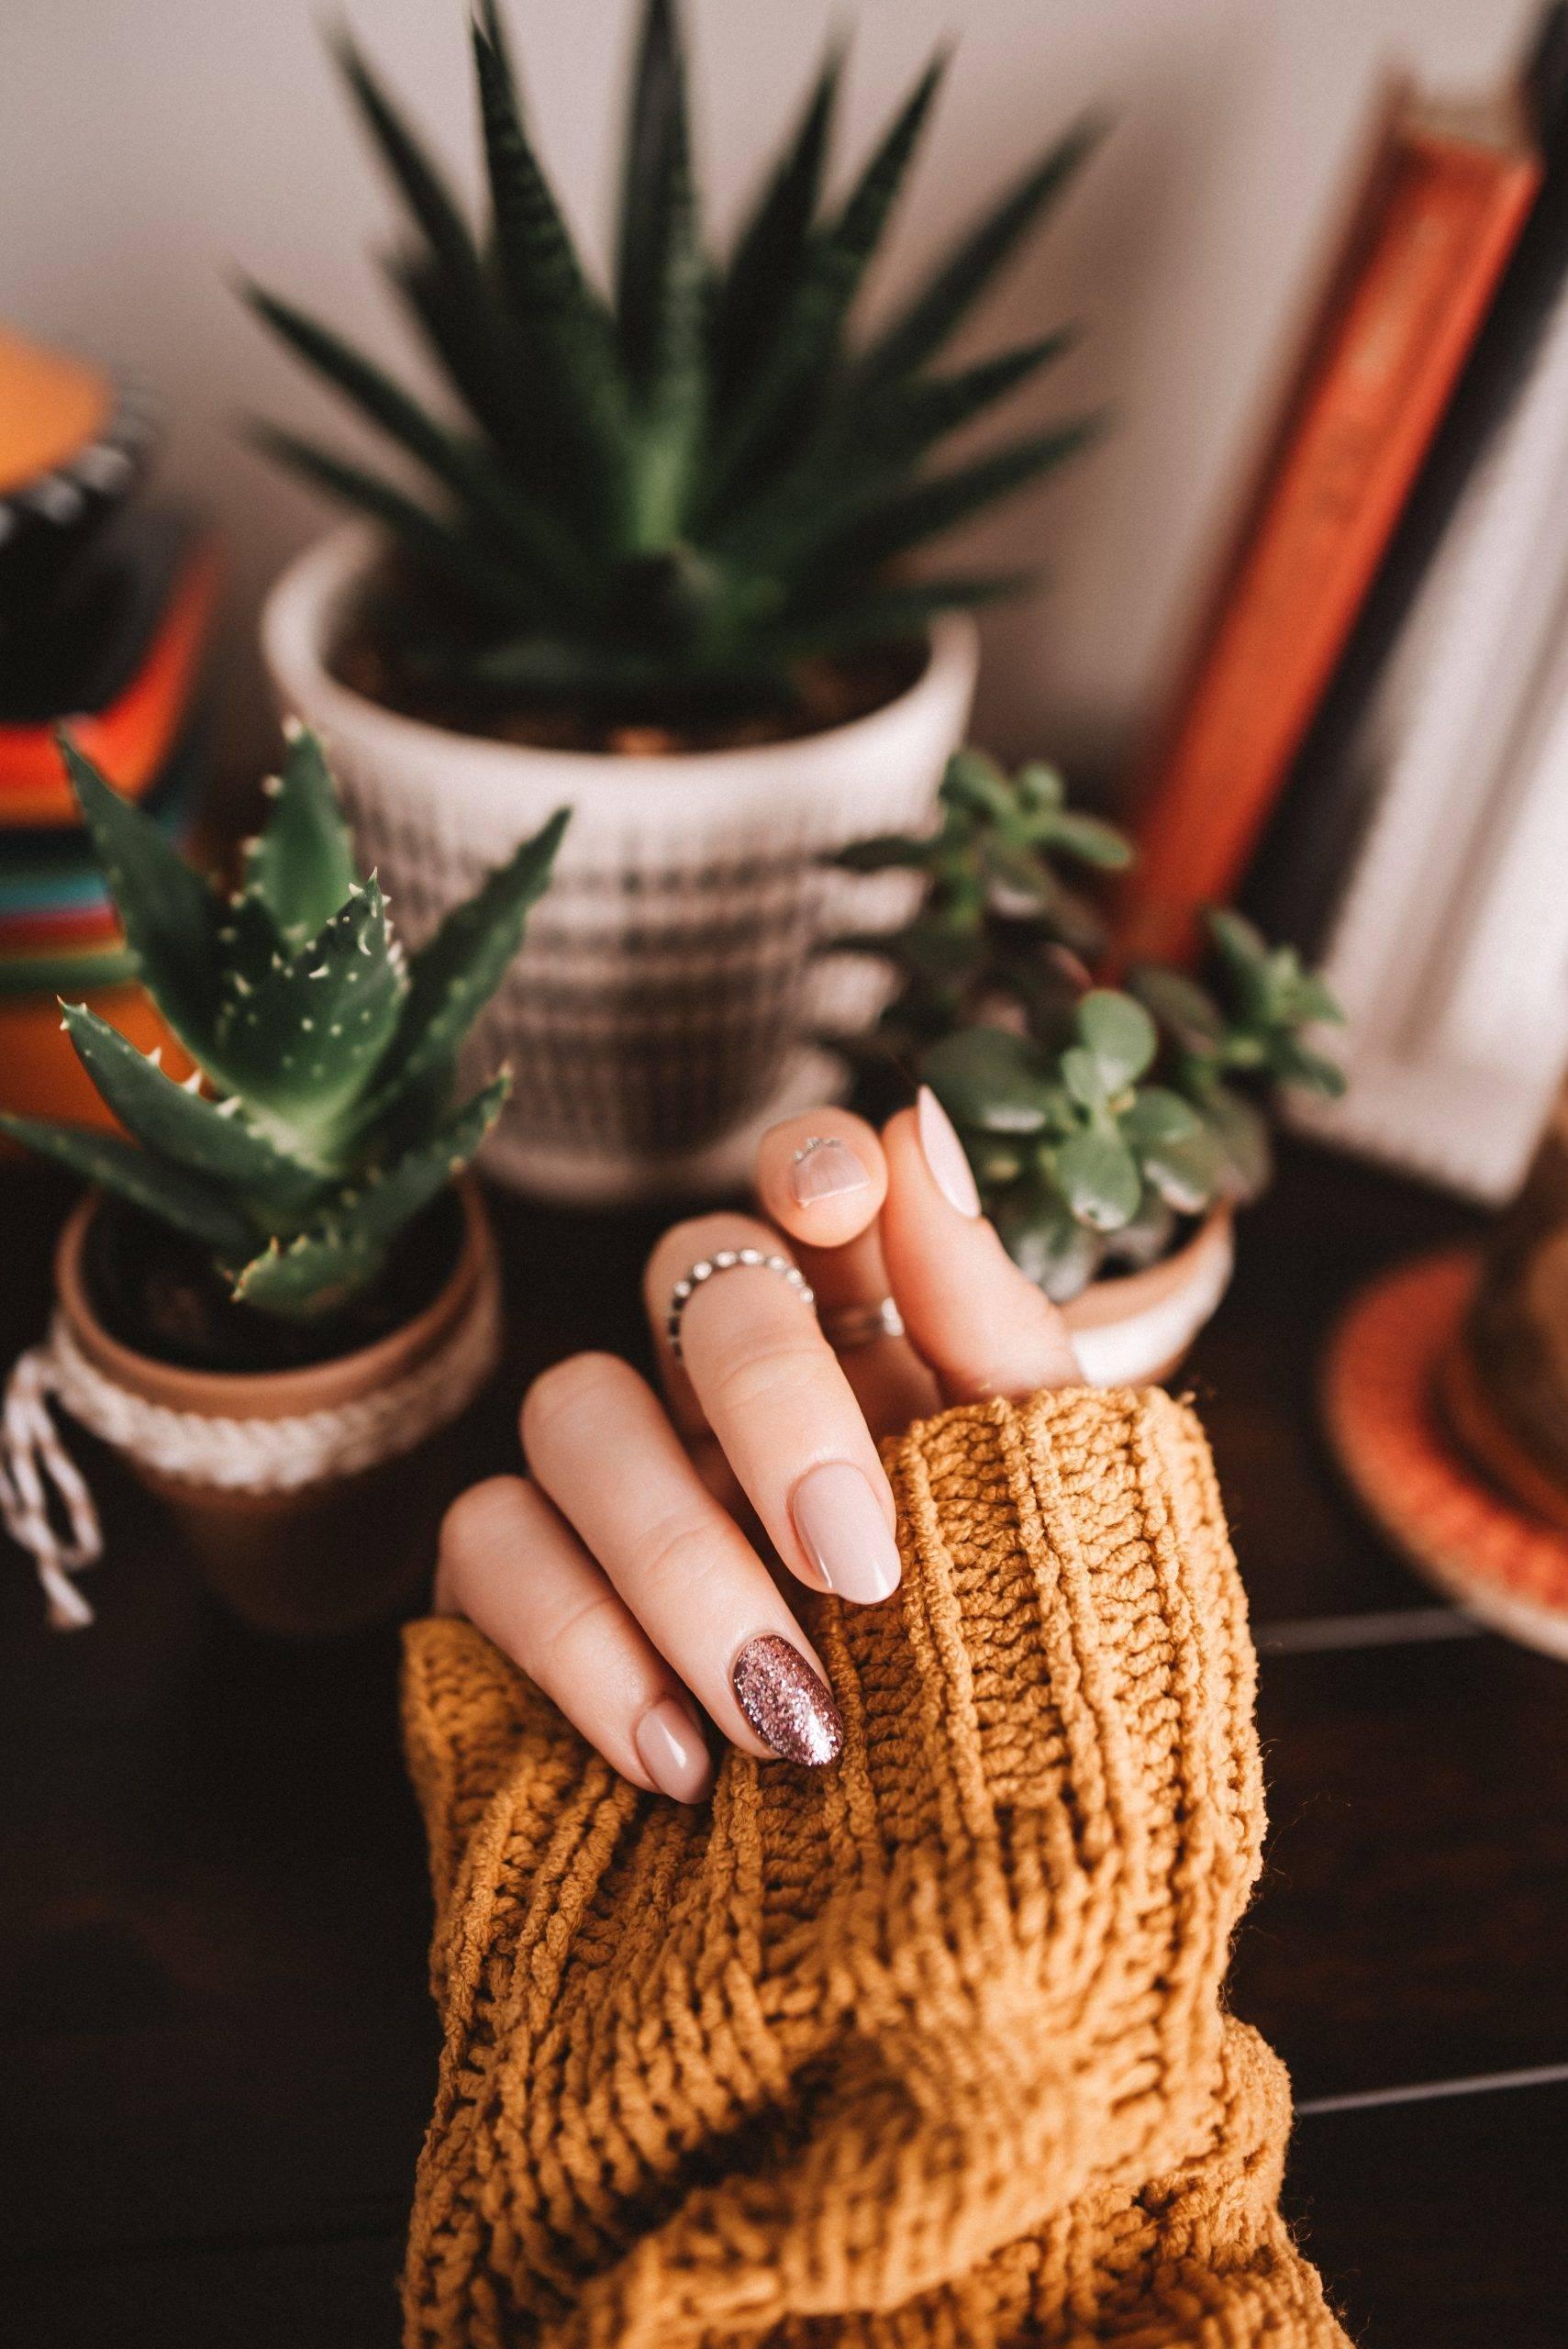 Veryyu Nails arts and tools